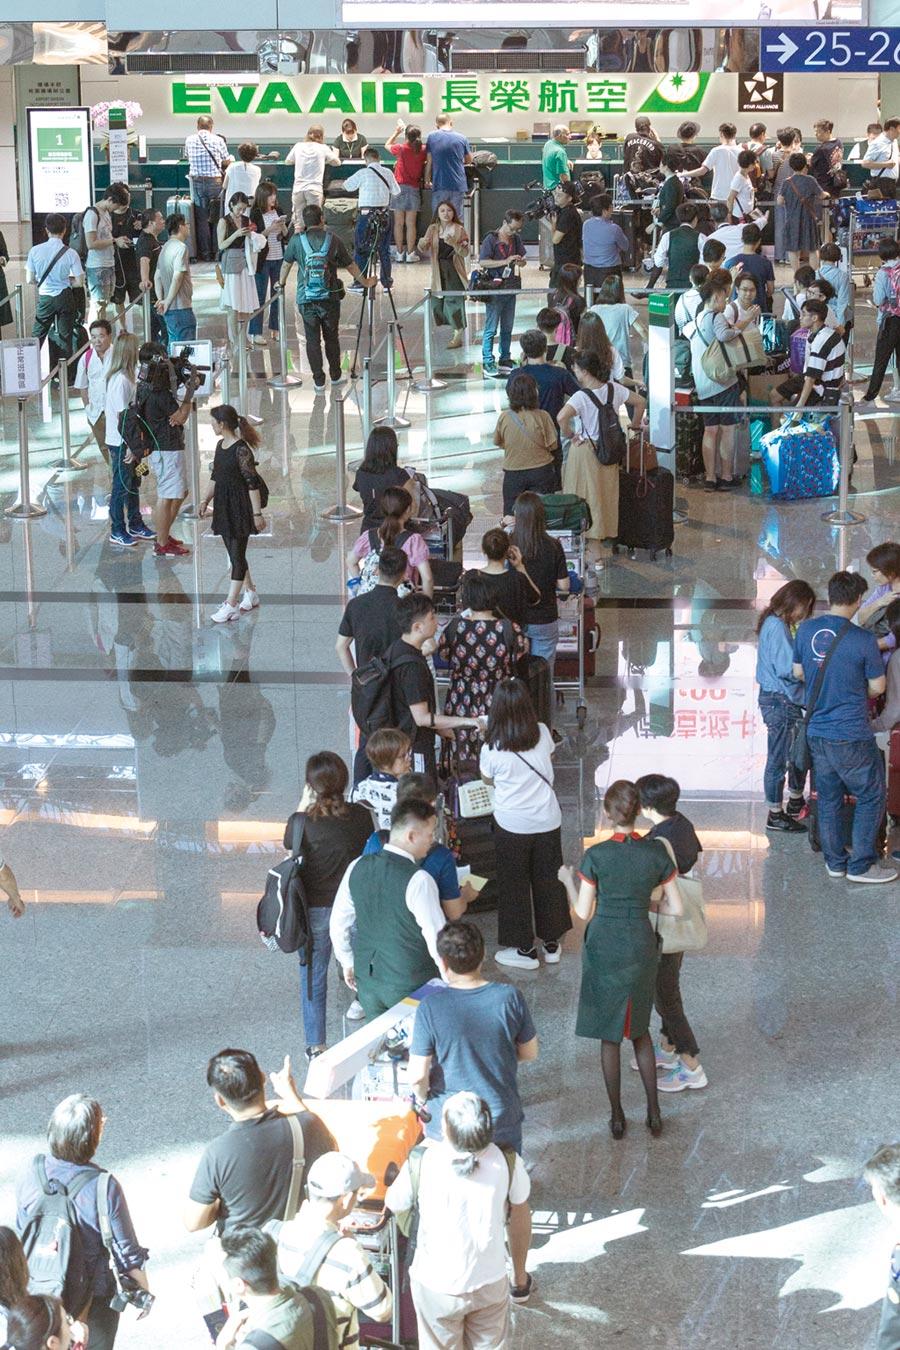 長榮空服員罷工,旅客大排長龍處理簽轉退票事宜。圖/本報資料照片